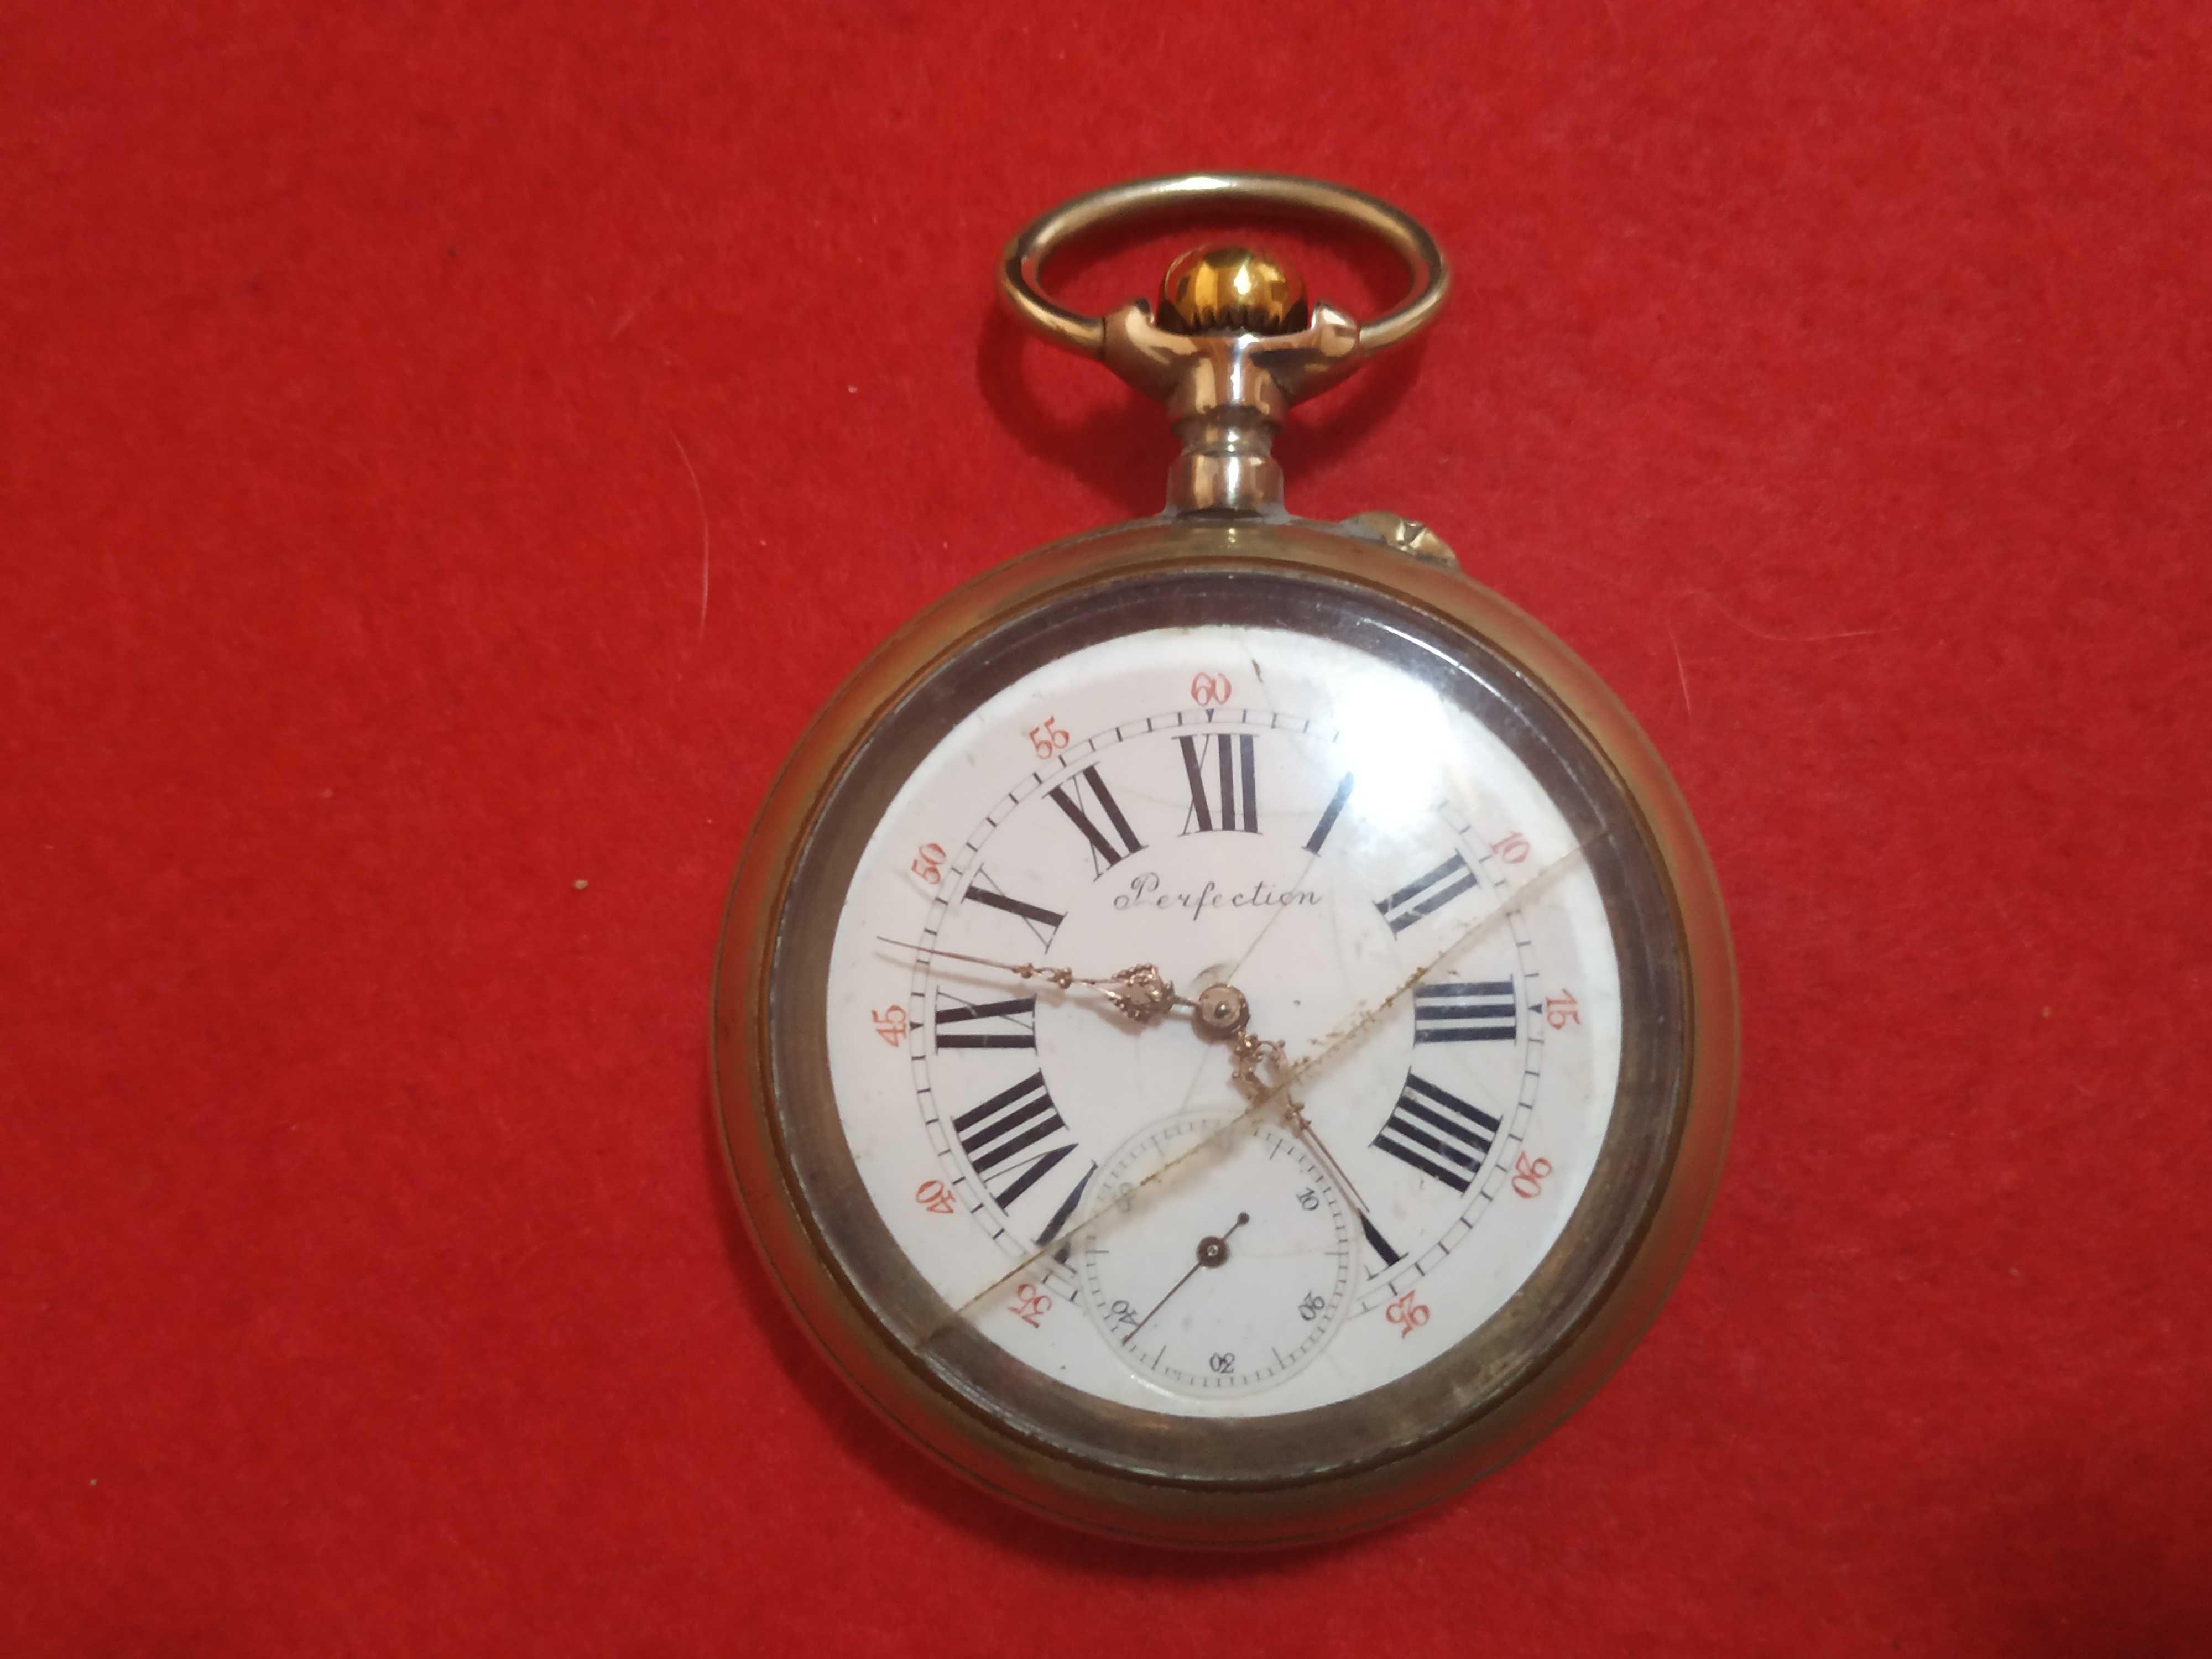 Relógio de Bolso Perfection Golias